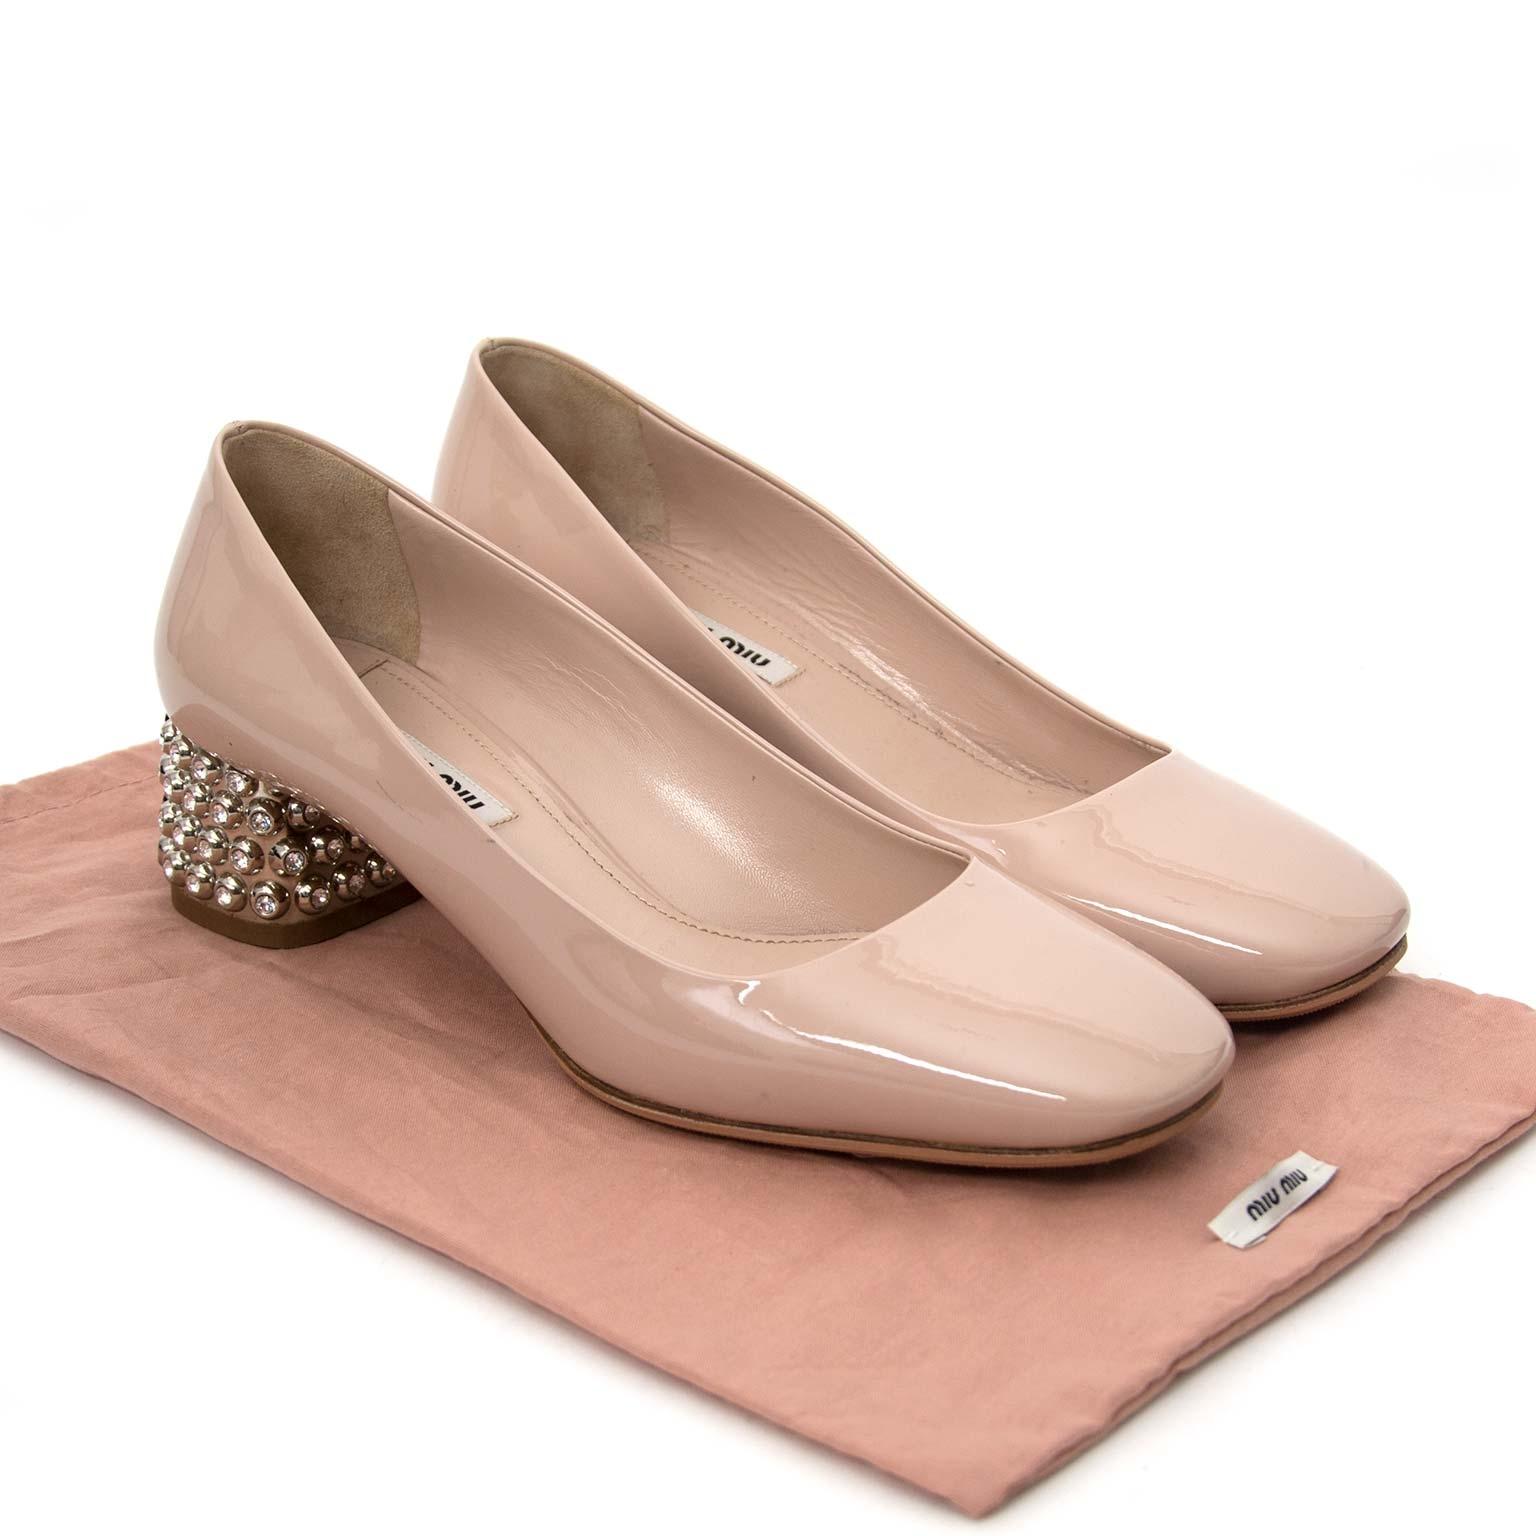 Miu Miu Crystalheel Nude Patent Leather Sandal